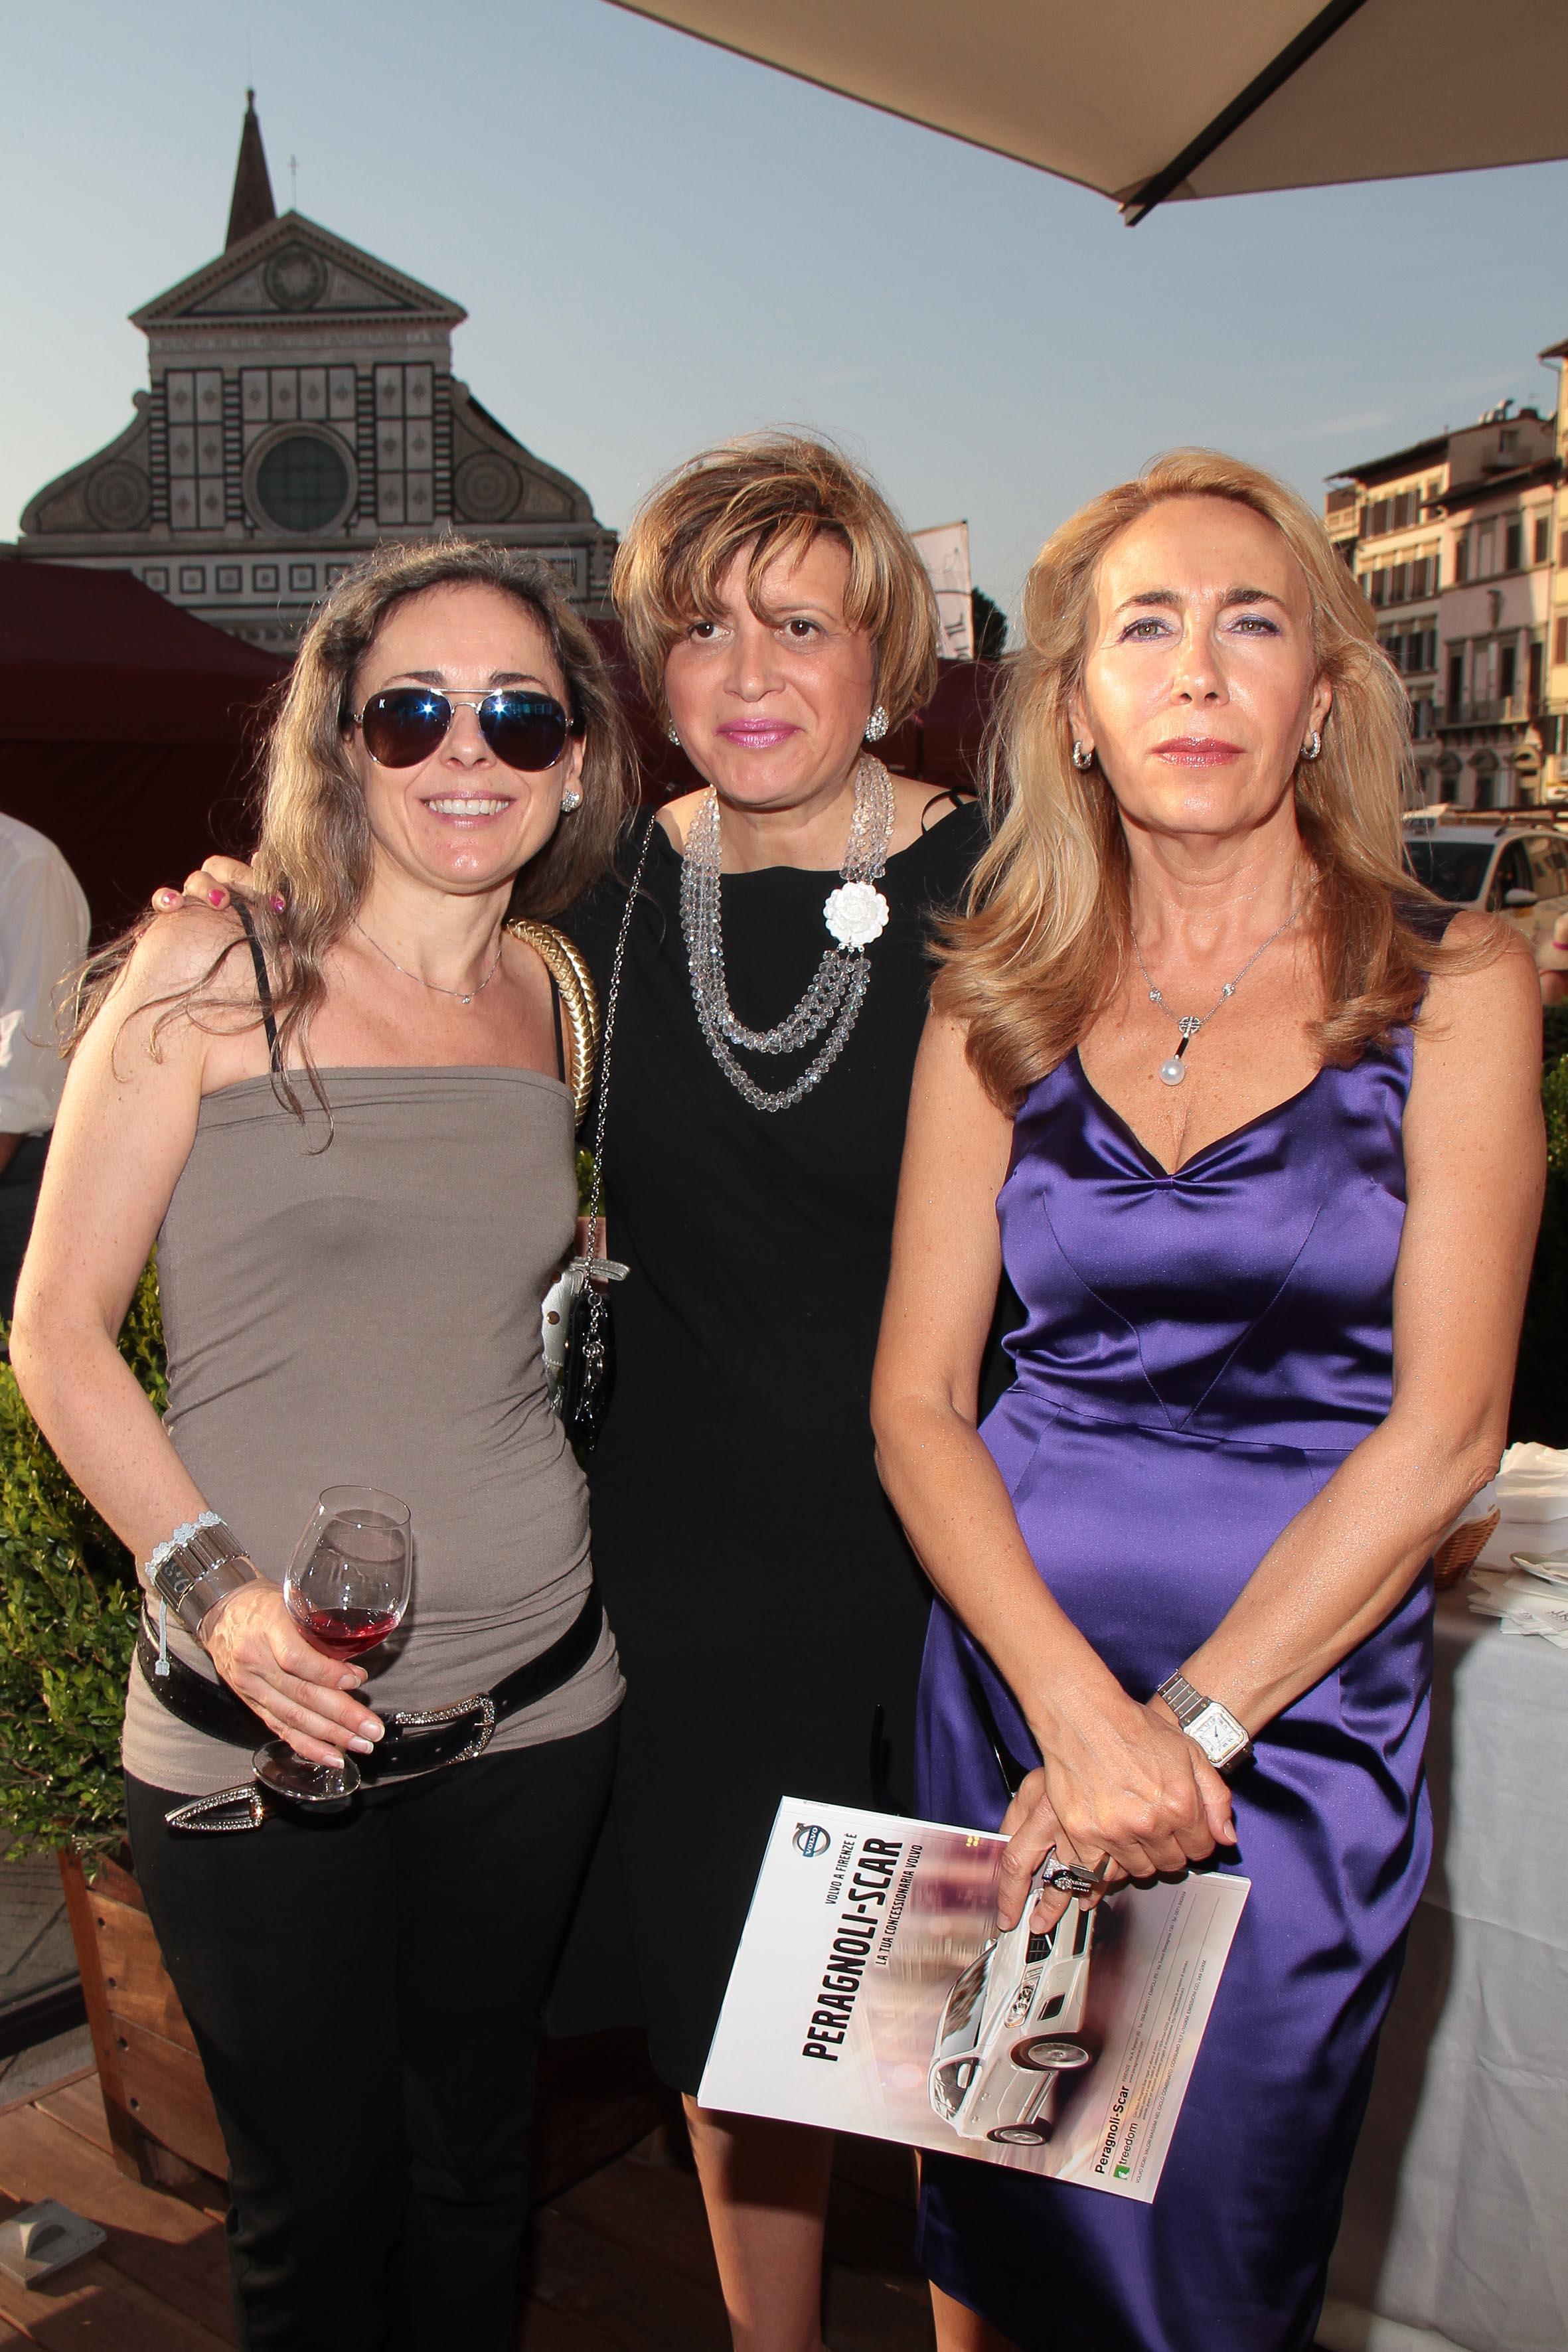 PRESSPHOTO Firenze, JK Place, Toscana Sommelier. Nella foto Serena Visi, Maria Bandini e Antonella Romani giuseppe cabras/new press photo